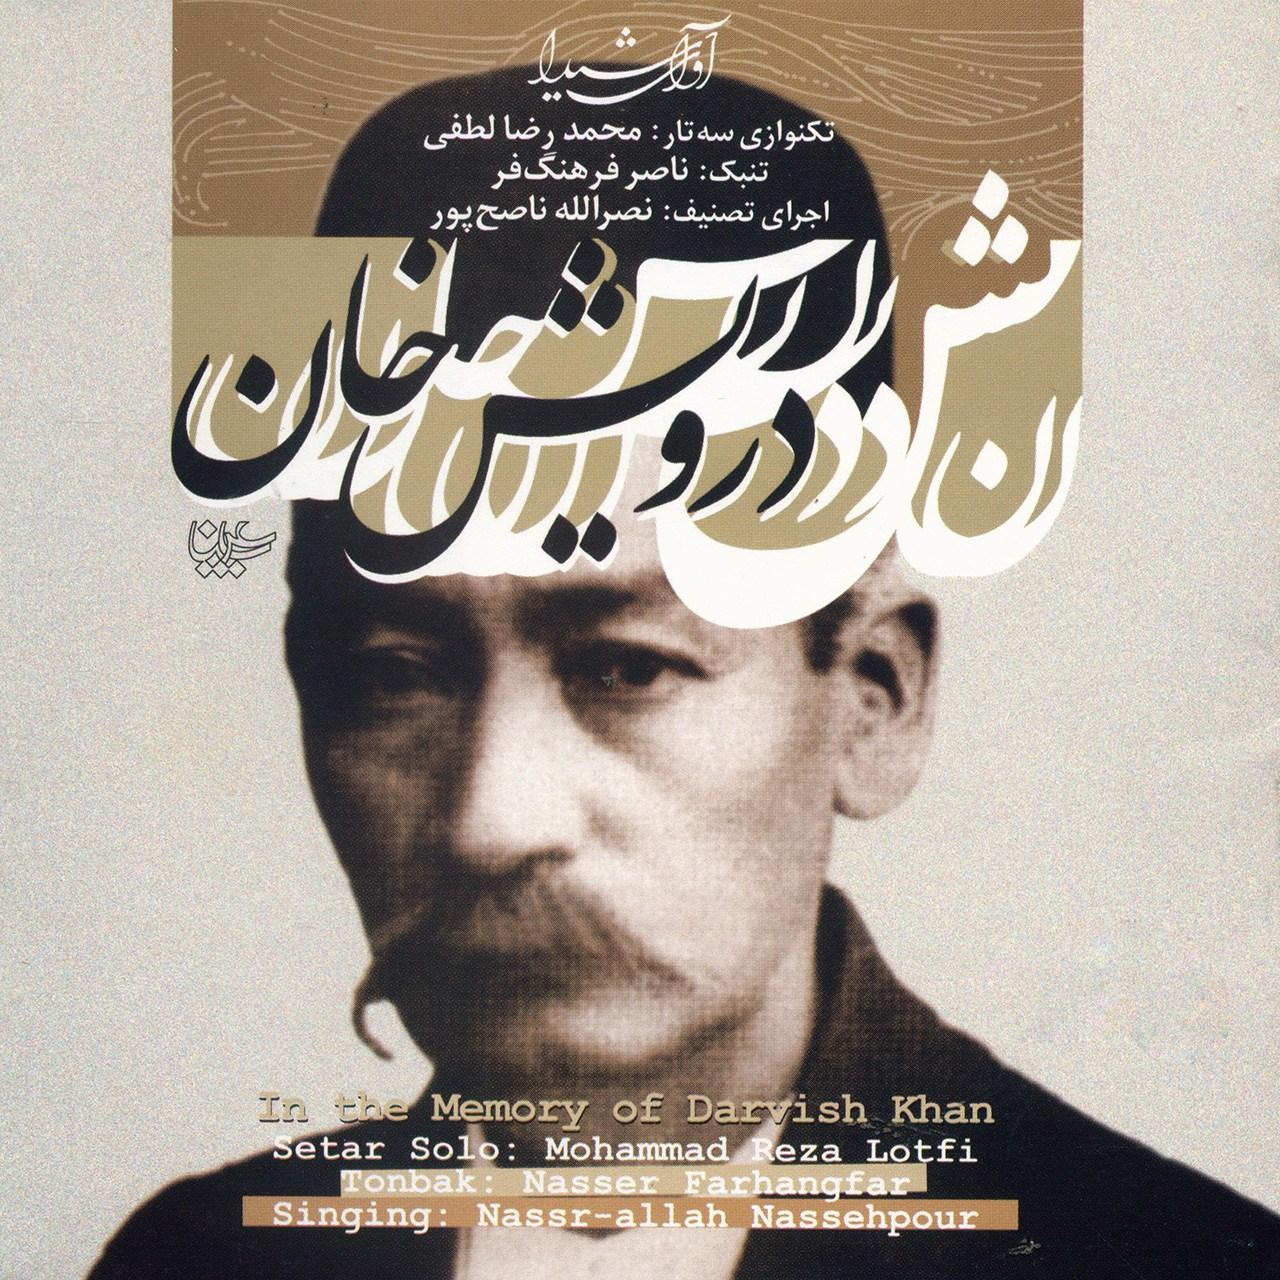 نابغهی موسیقی ایرانی